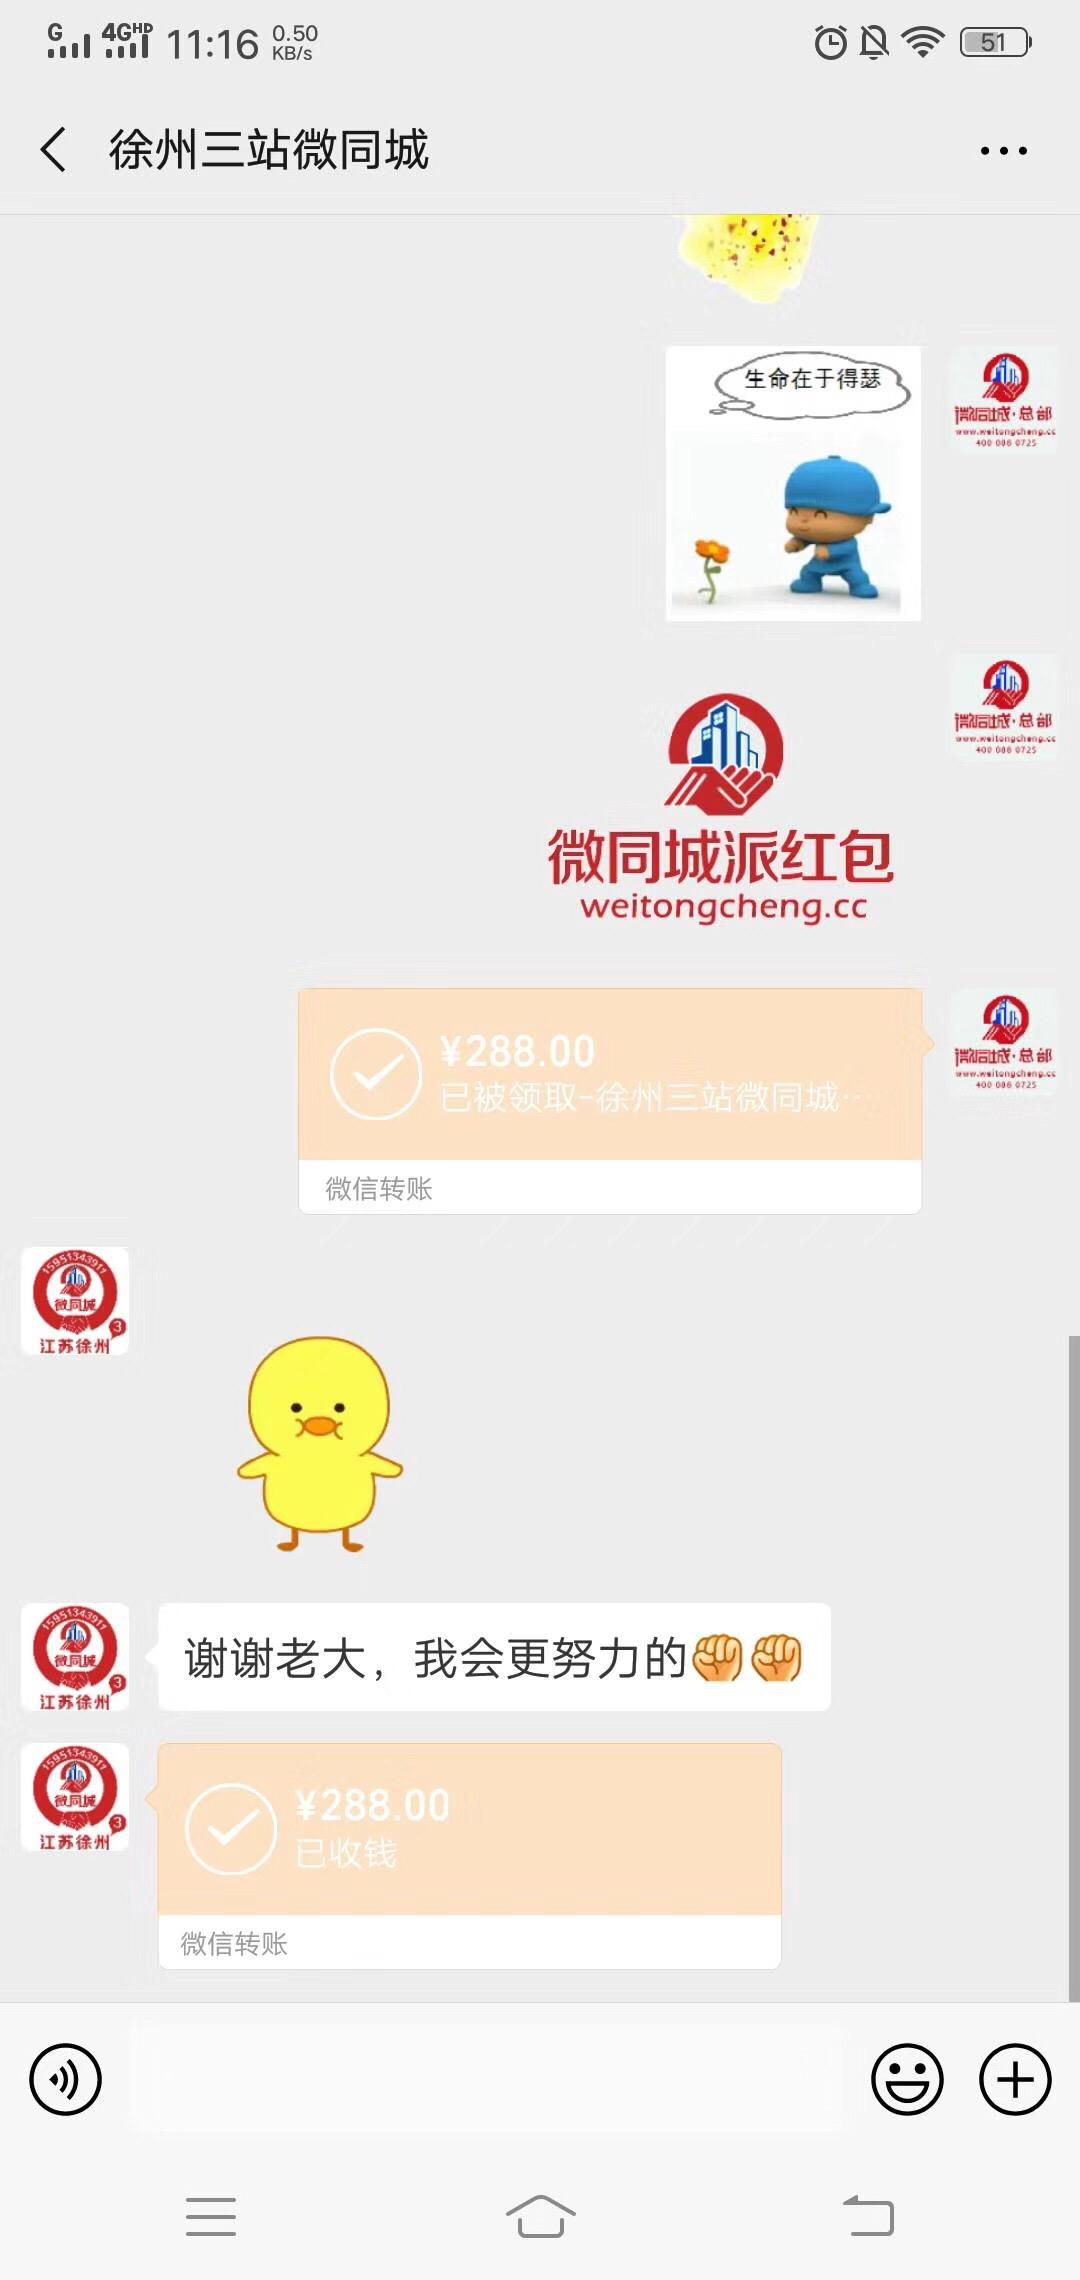 【赚288元】徐州微全城微帮三站广告佣金